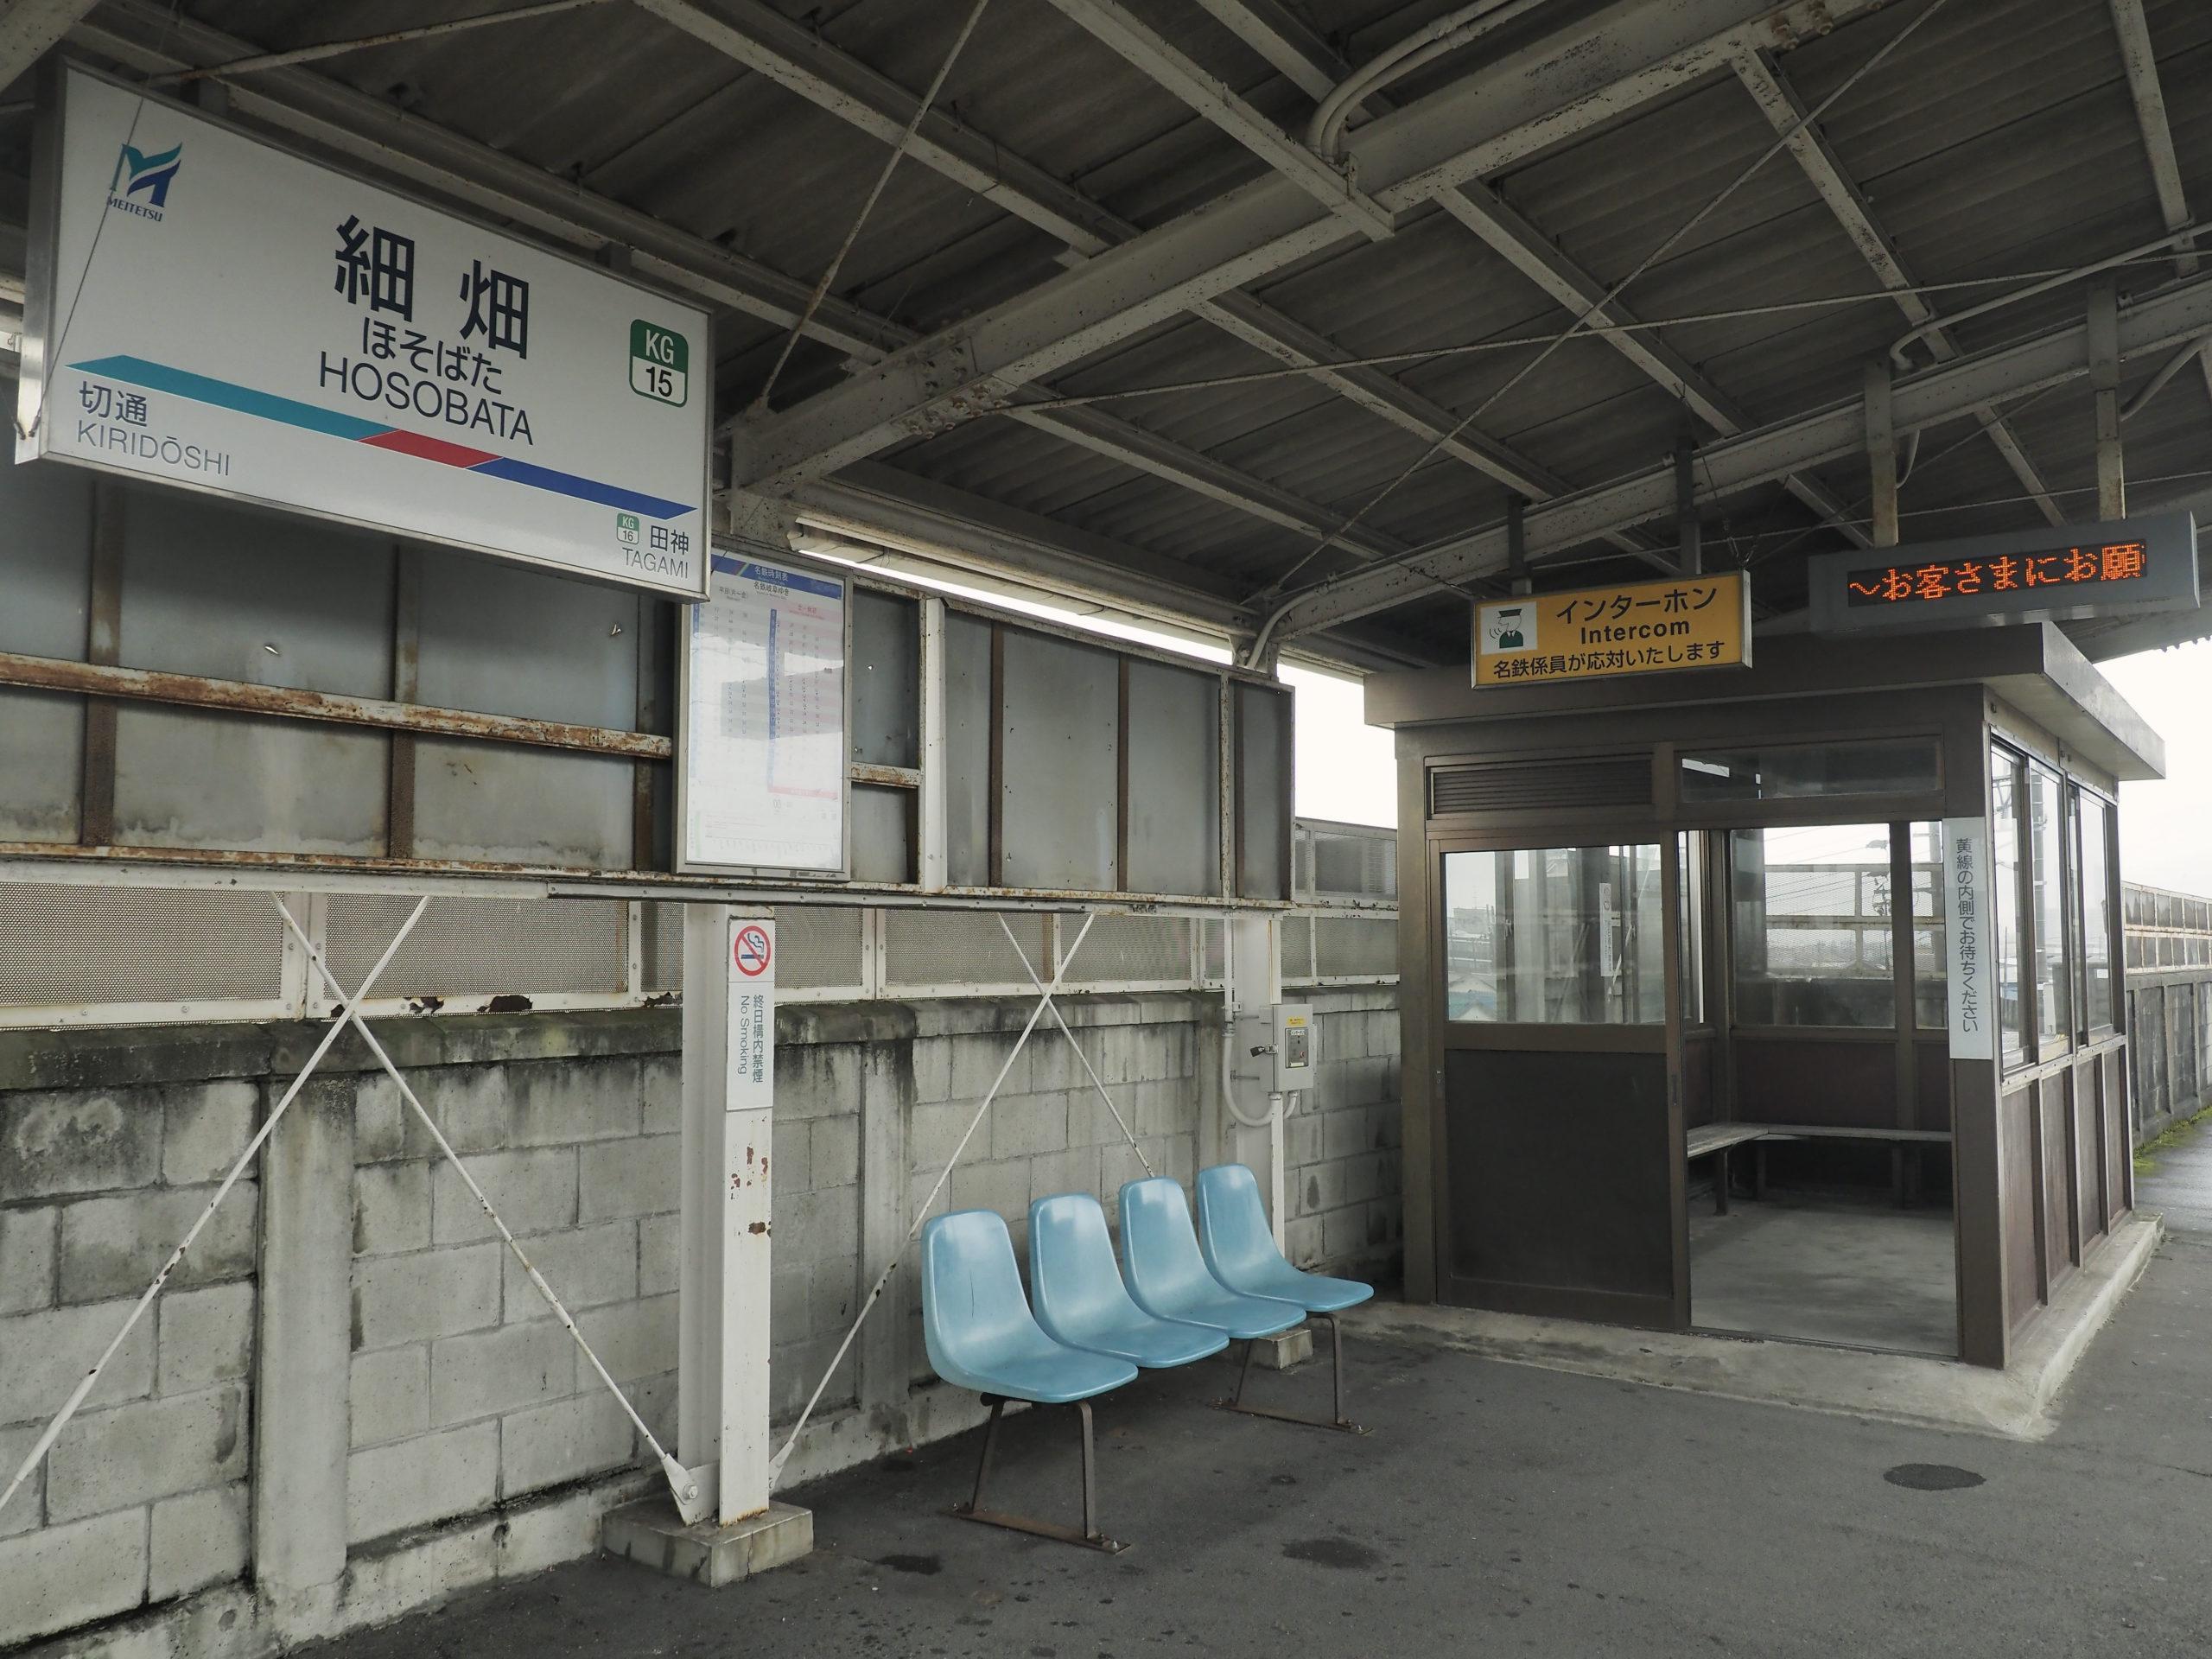 岐阜県 細畑駅